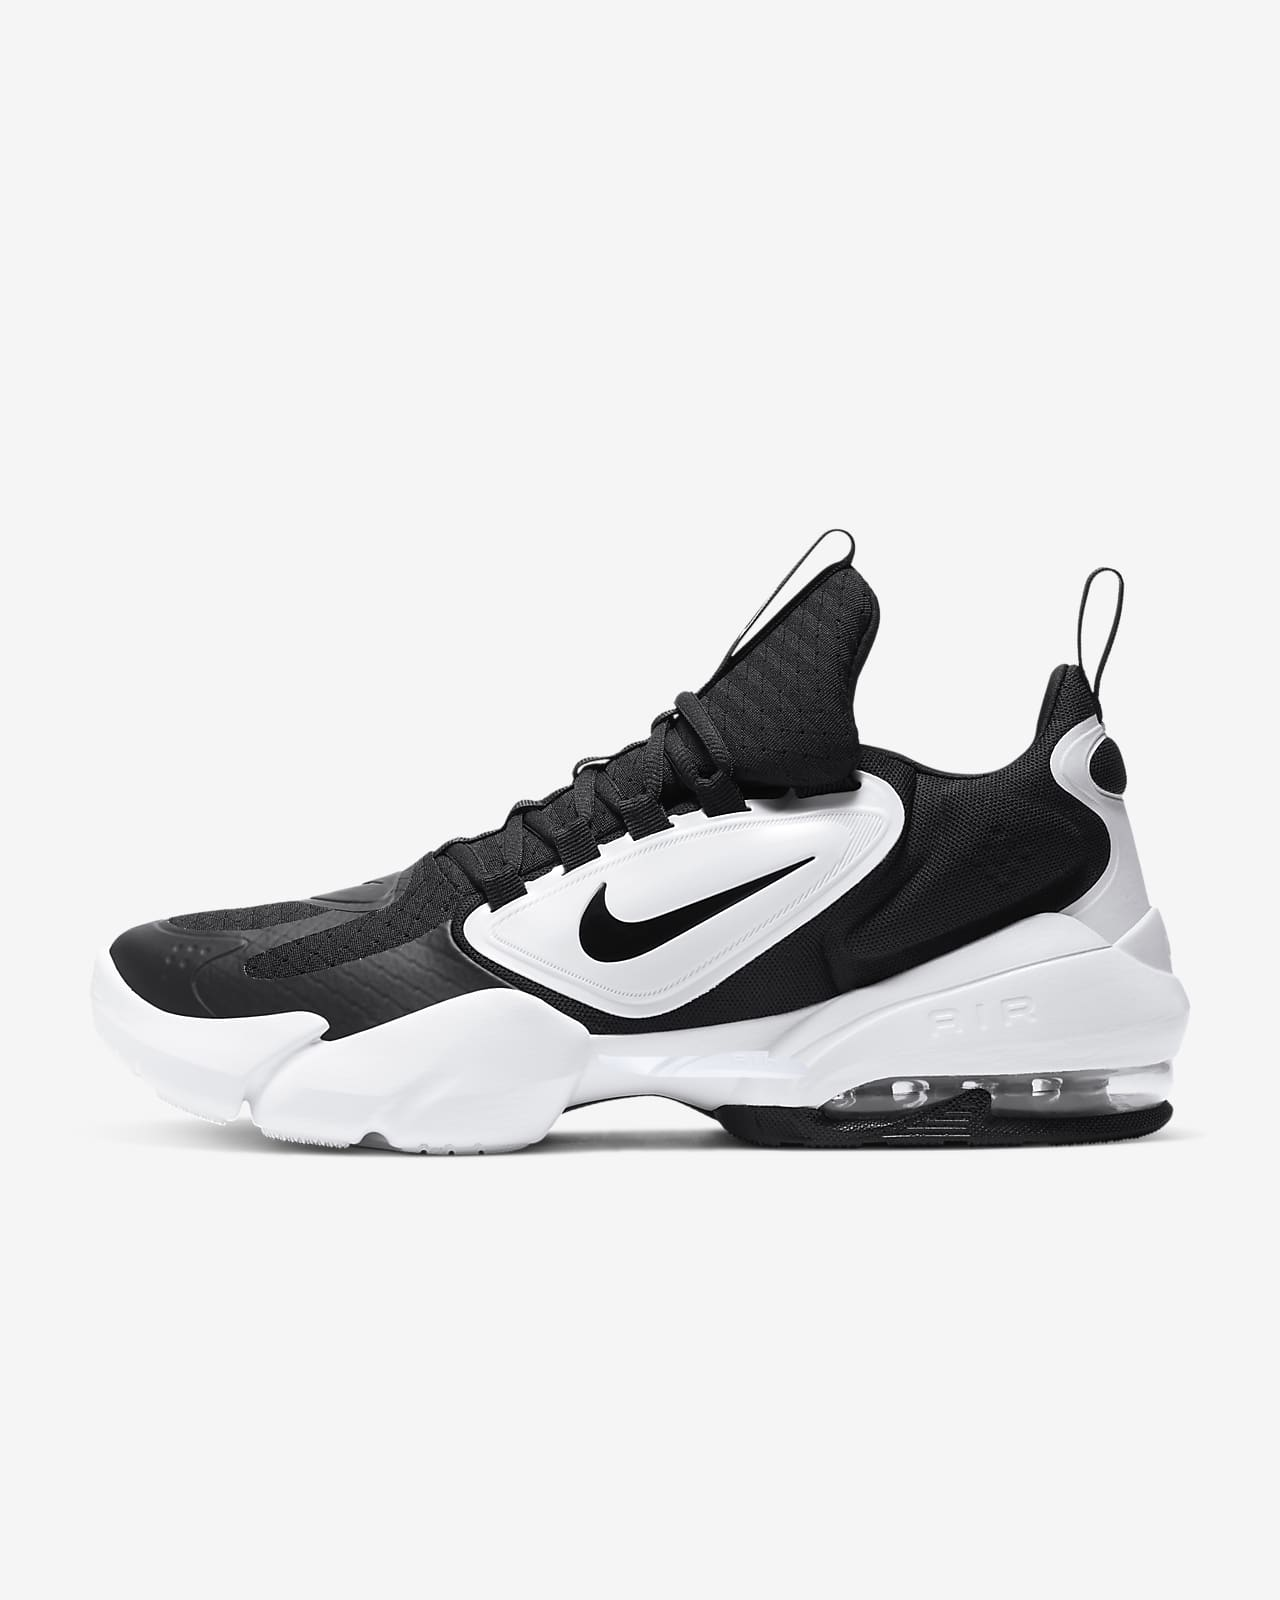 รองเท้าเทรนนิ่งผู้ชาย Nike Air Max Alpha Savage